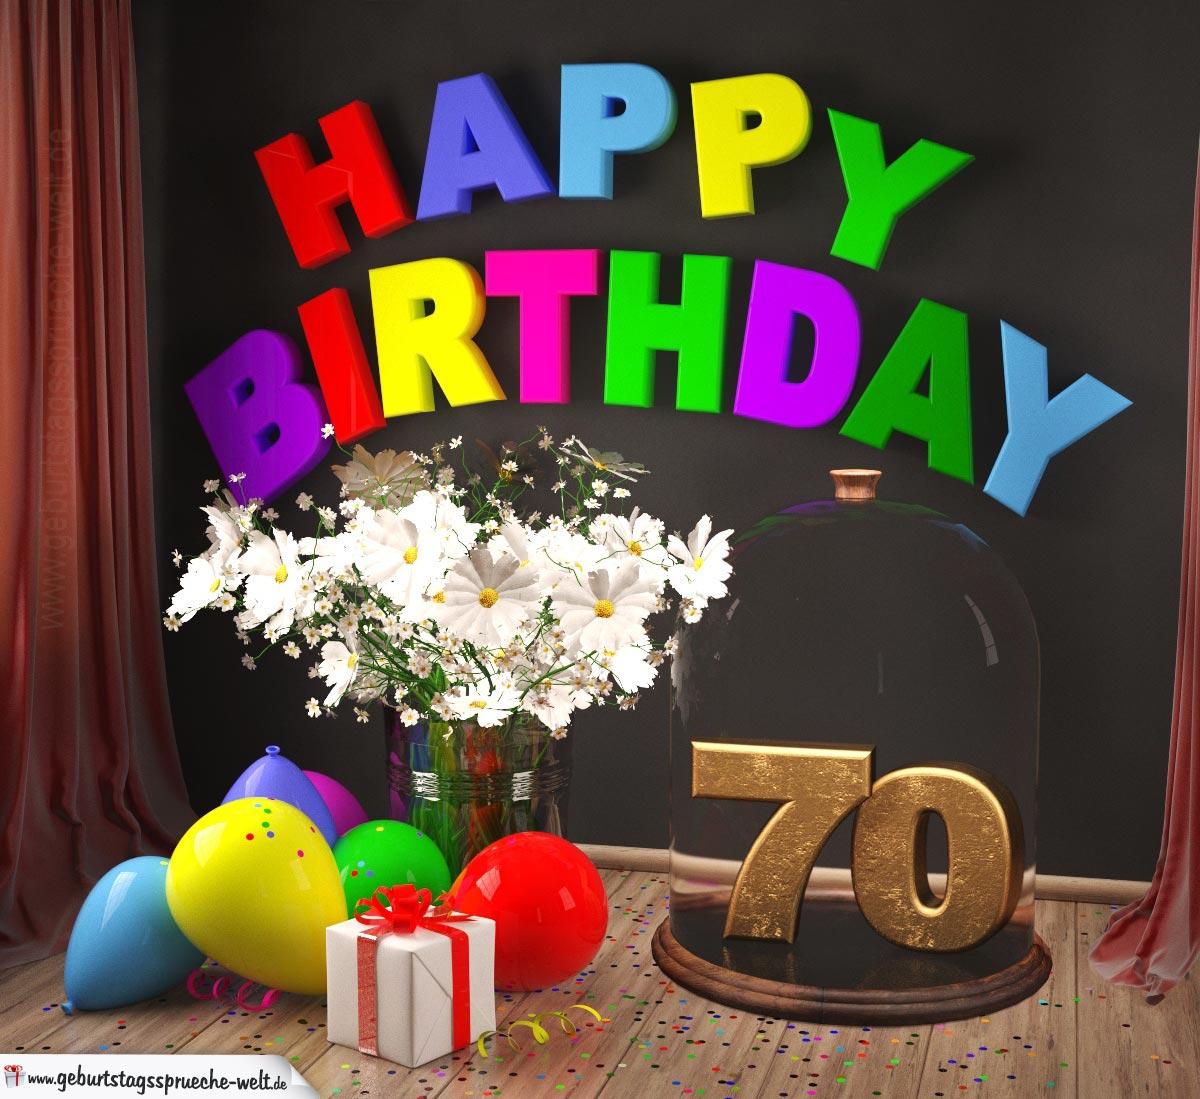 Happy Birthday 70 Jahre Glückwunschkarte mit Margeriten-Blumenstrauß, Luftballons und Geschenk unter Glasglocke